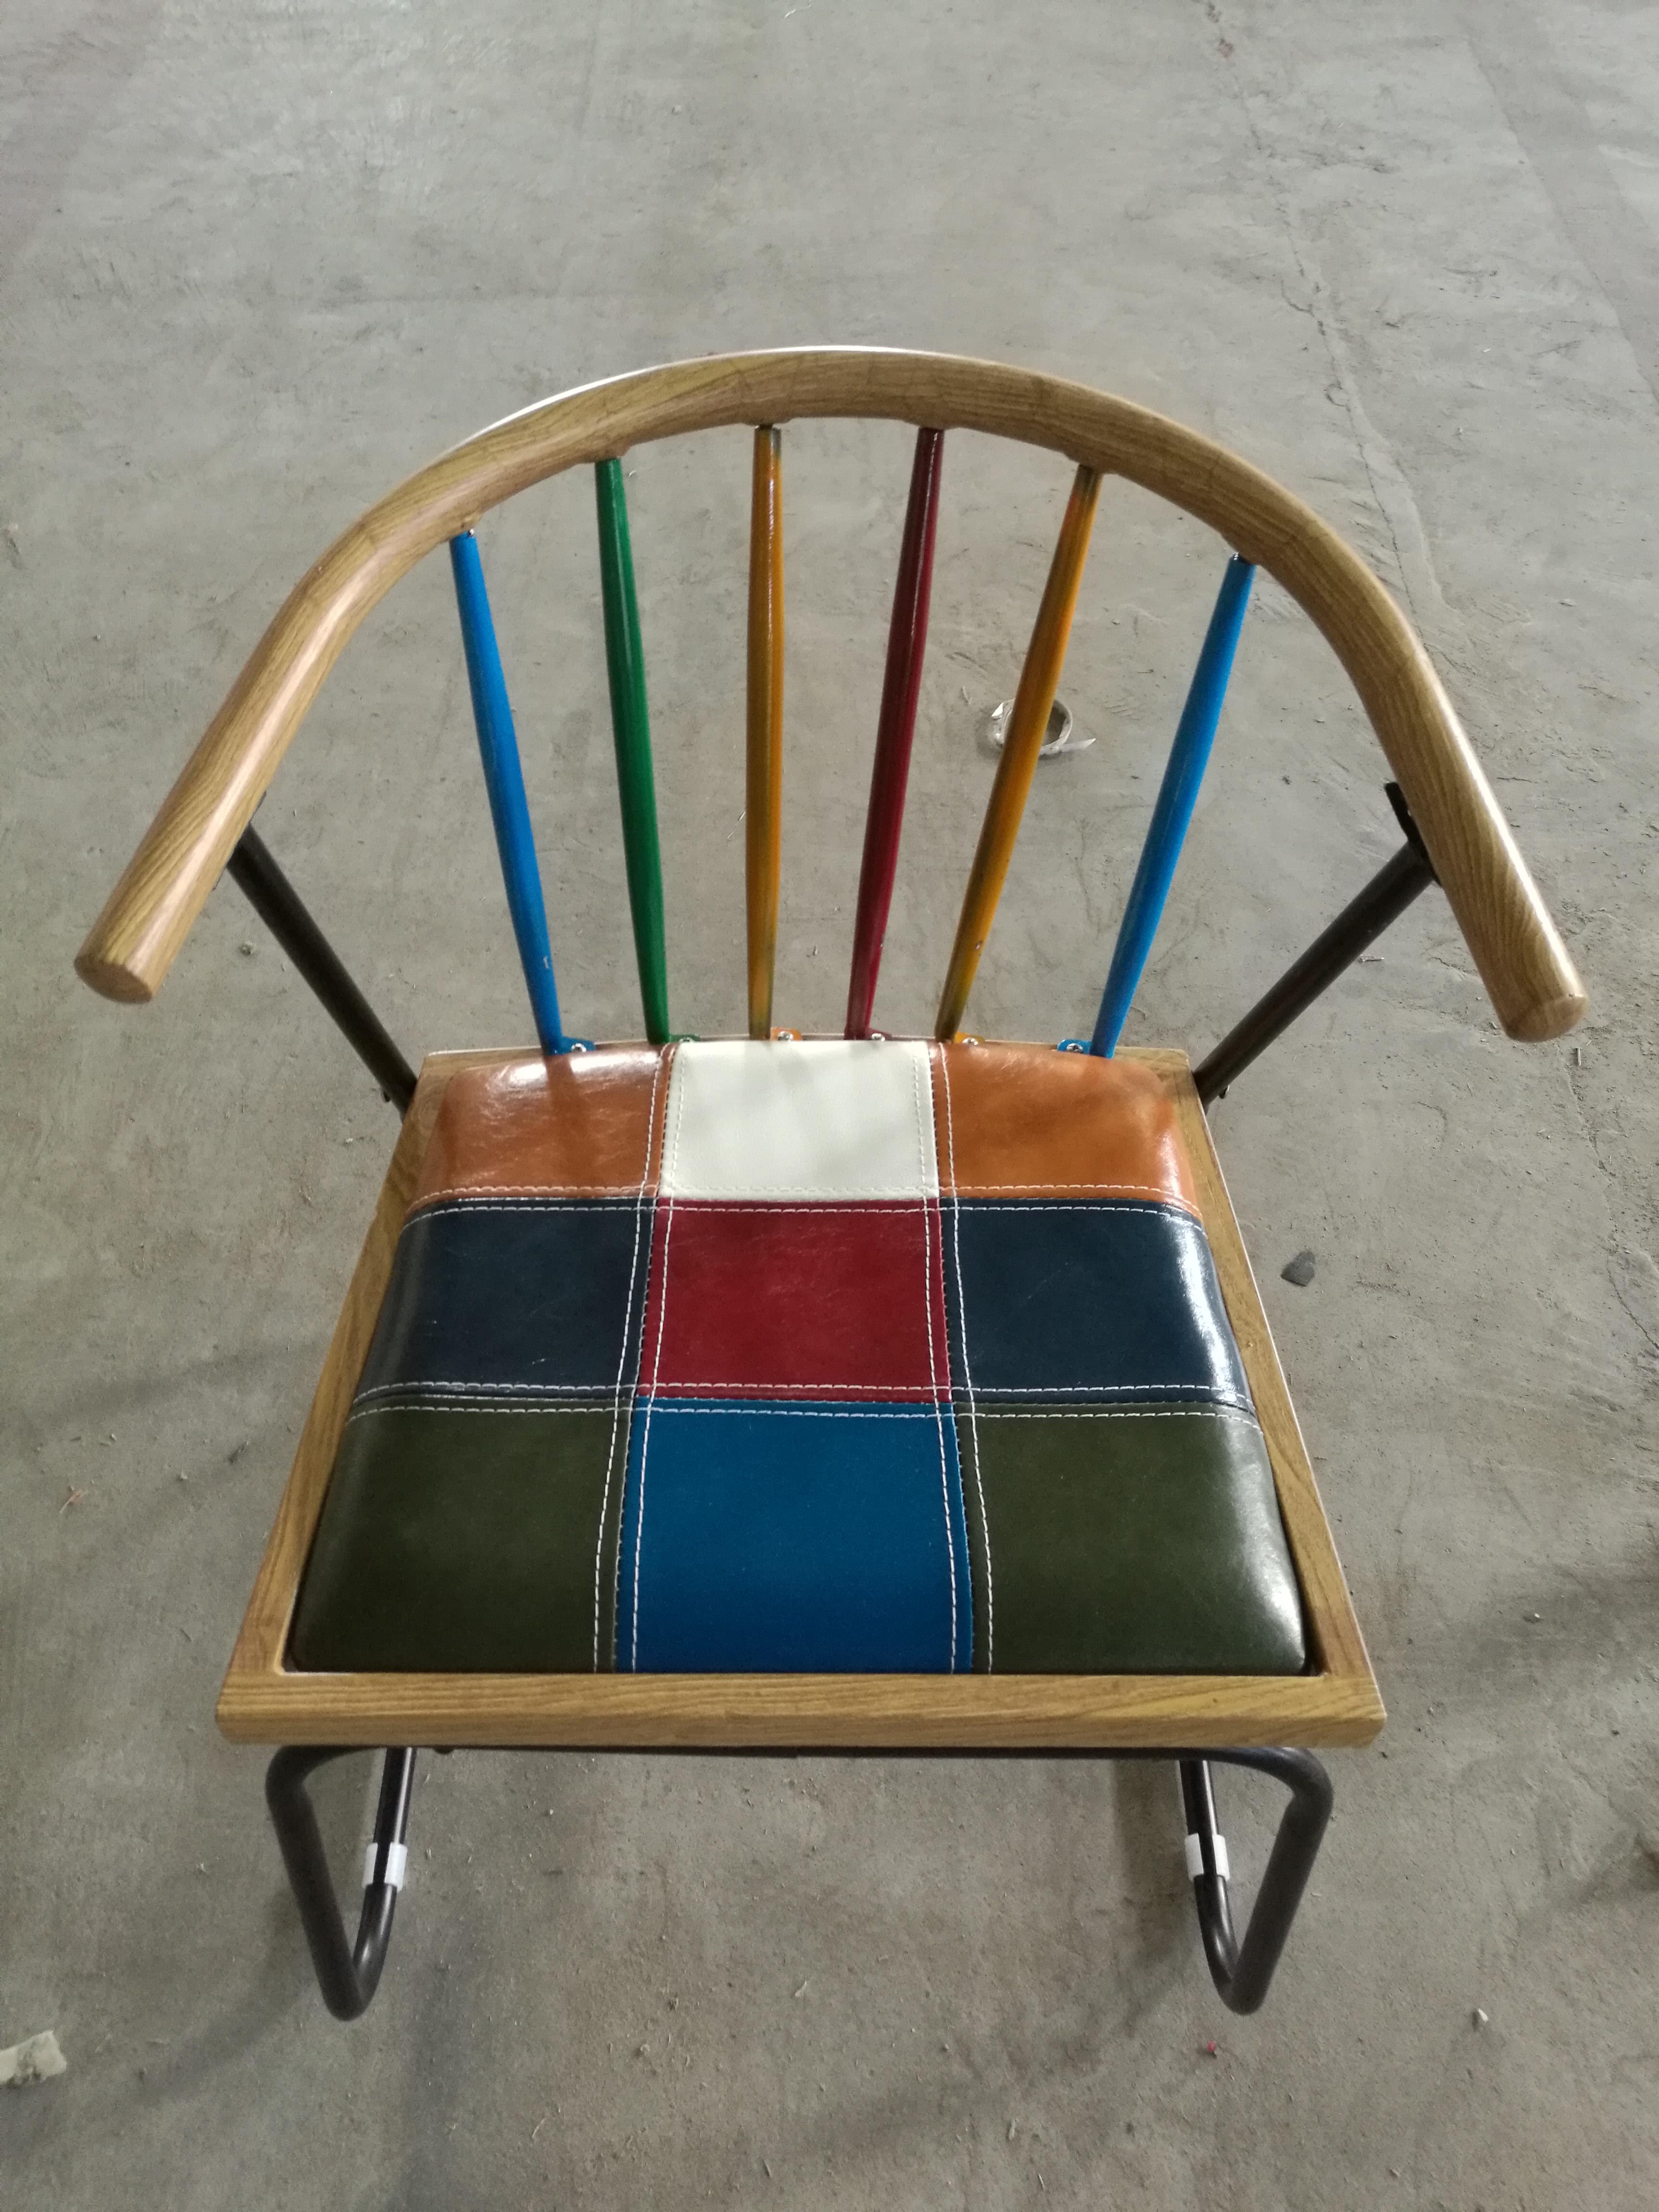 卡航家具厂家直销酒店椅 宴会椅餐椅  皮革休闲会议椅 时尚餐厅椅